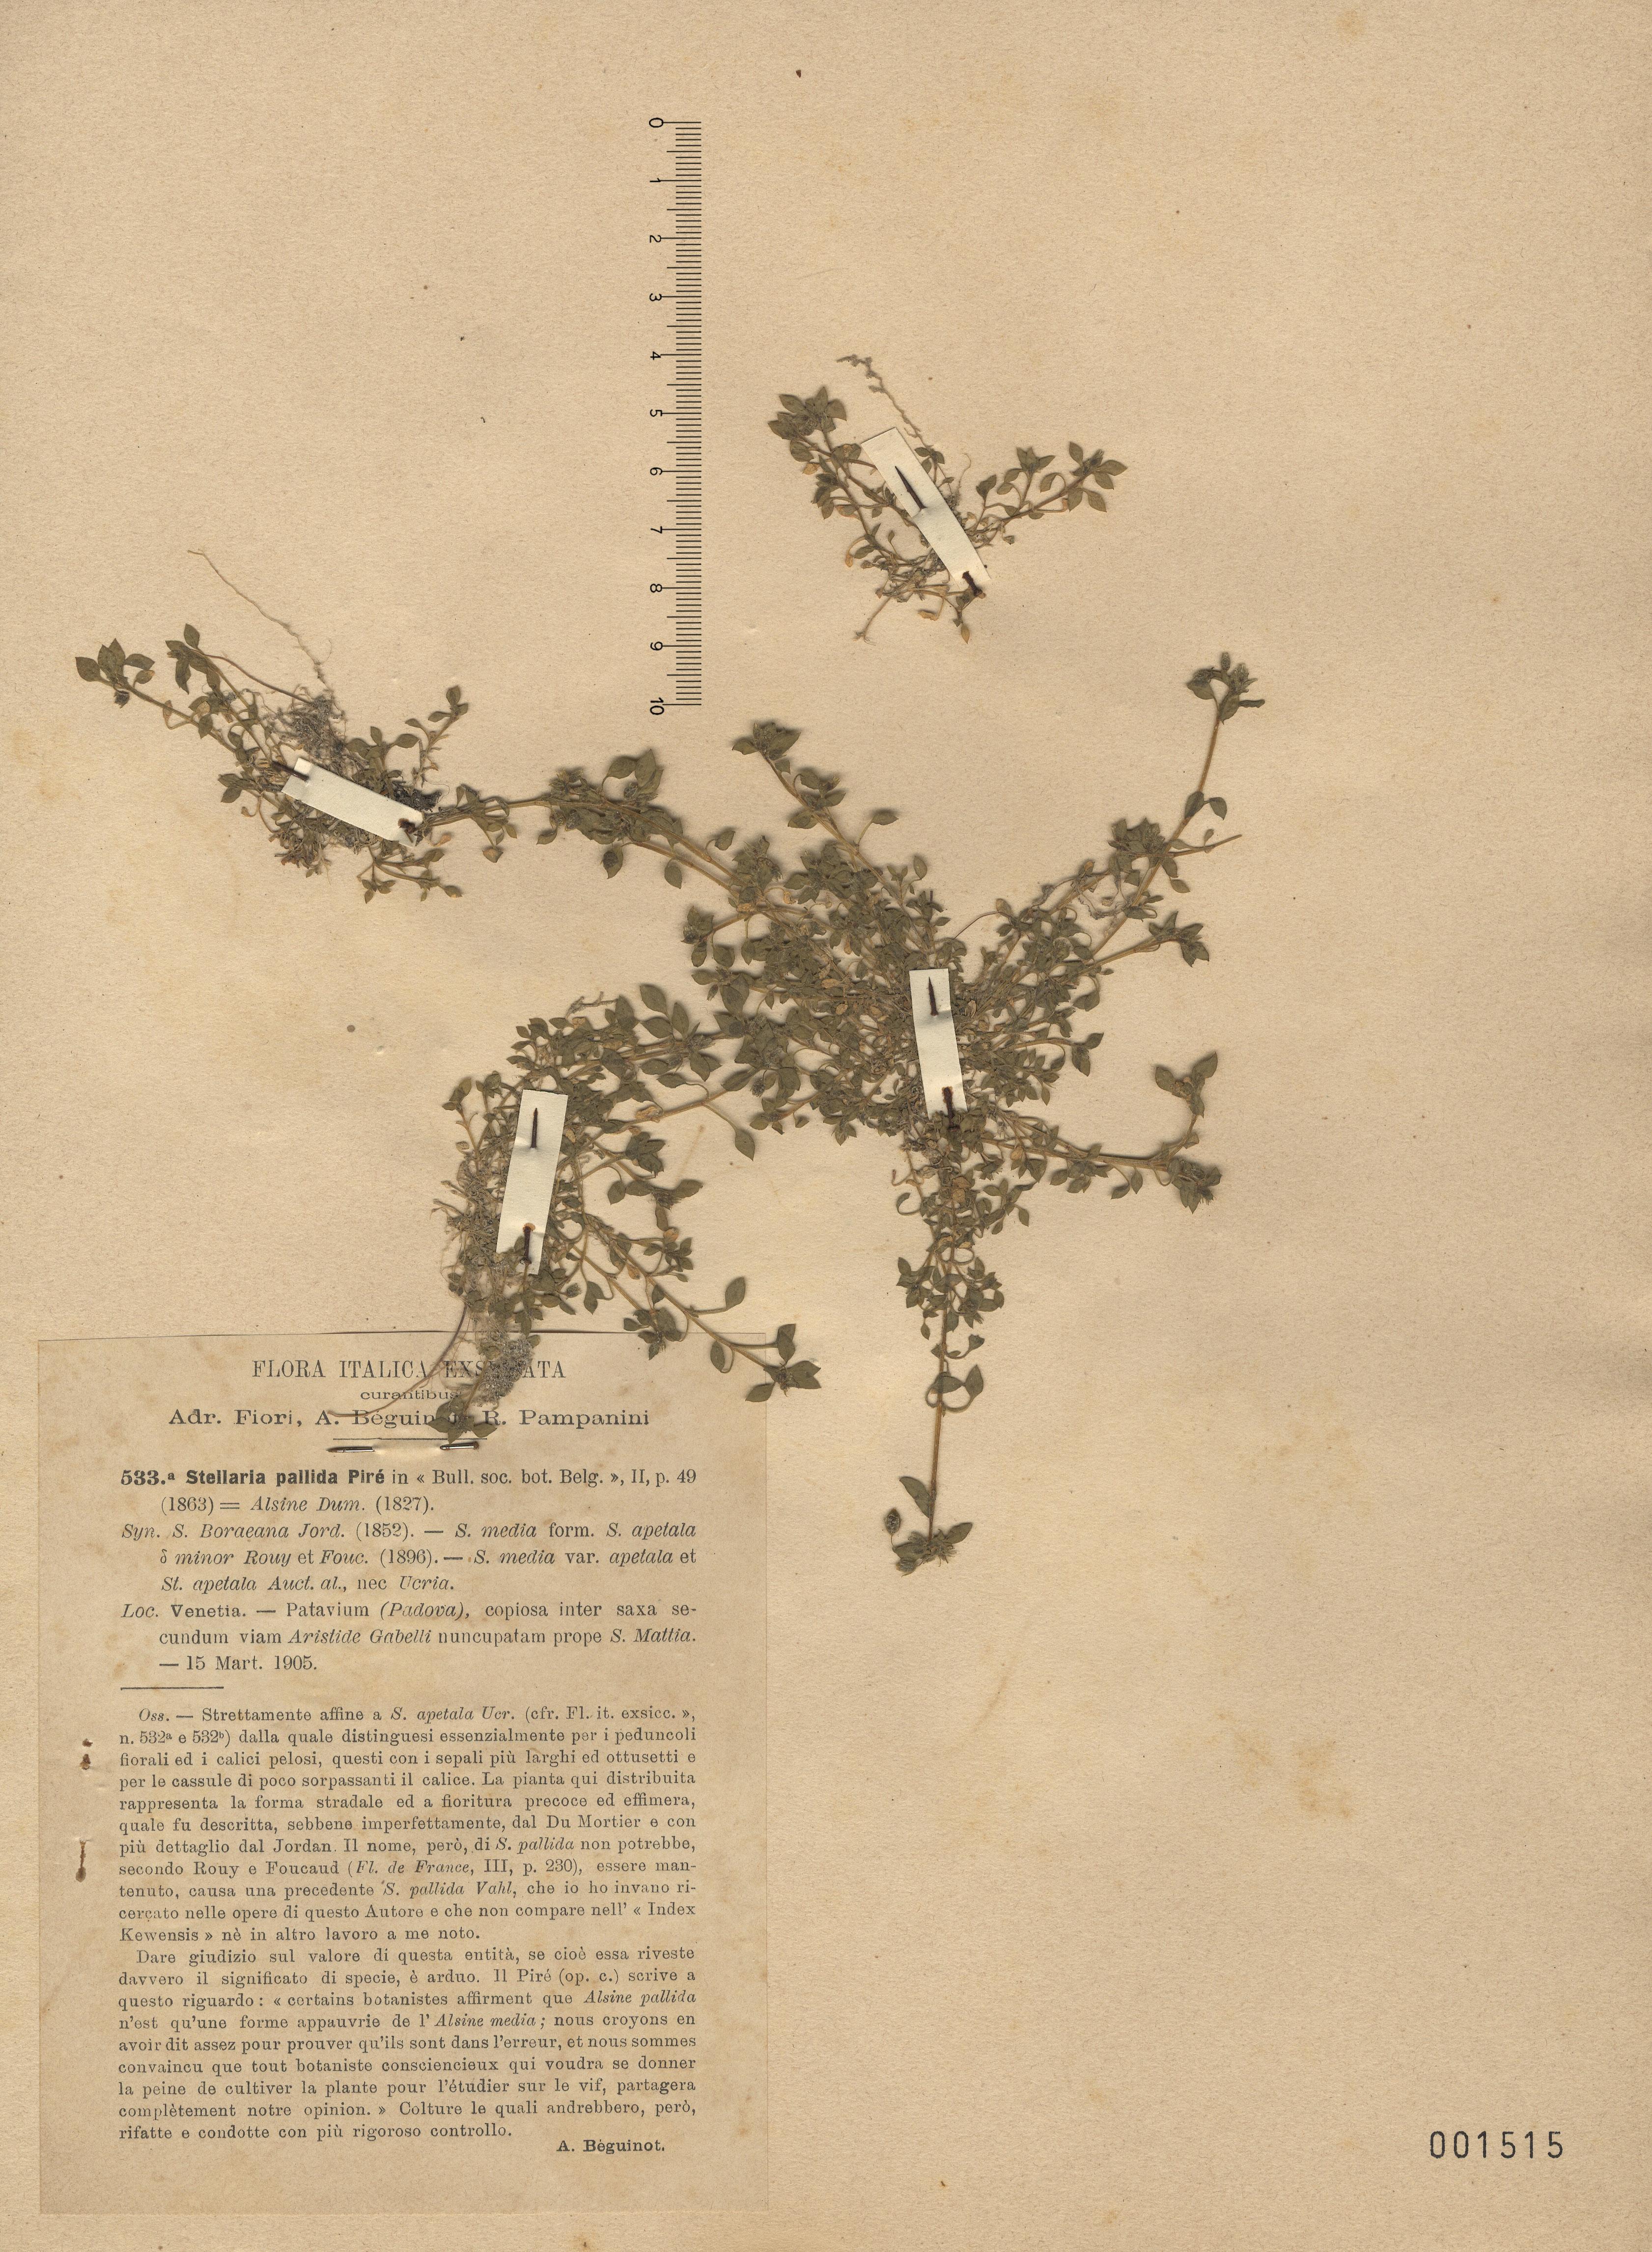 © Hortus Botanicus Catinensis - Herb. sheet 001515<br>